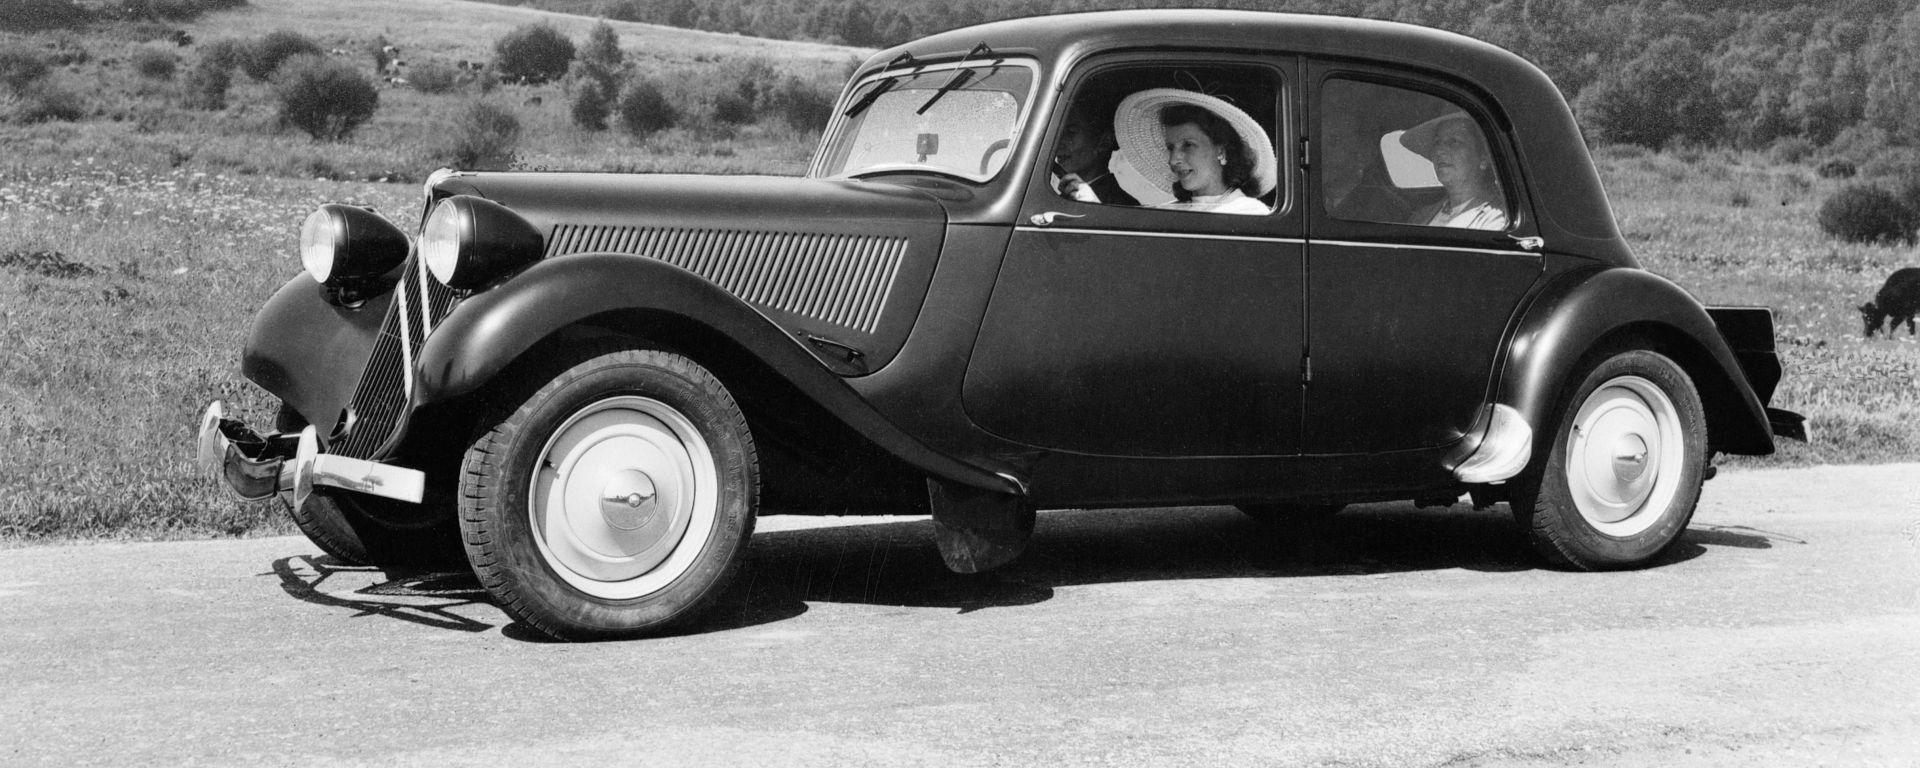 Citroen Traction Avant 11BL Performance del 1956